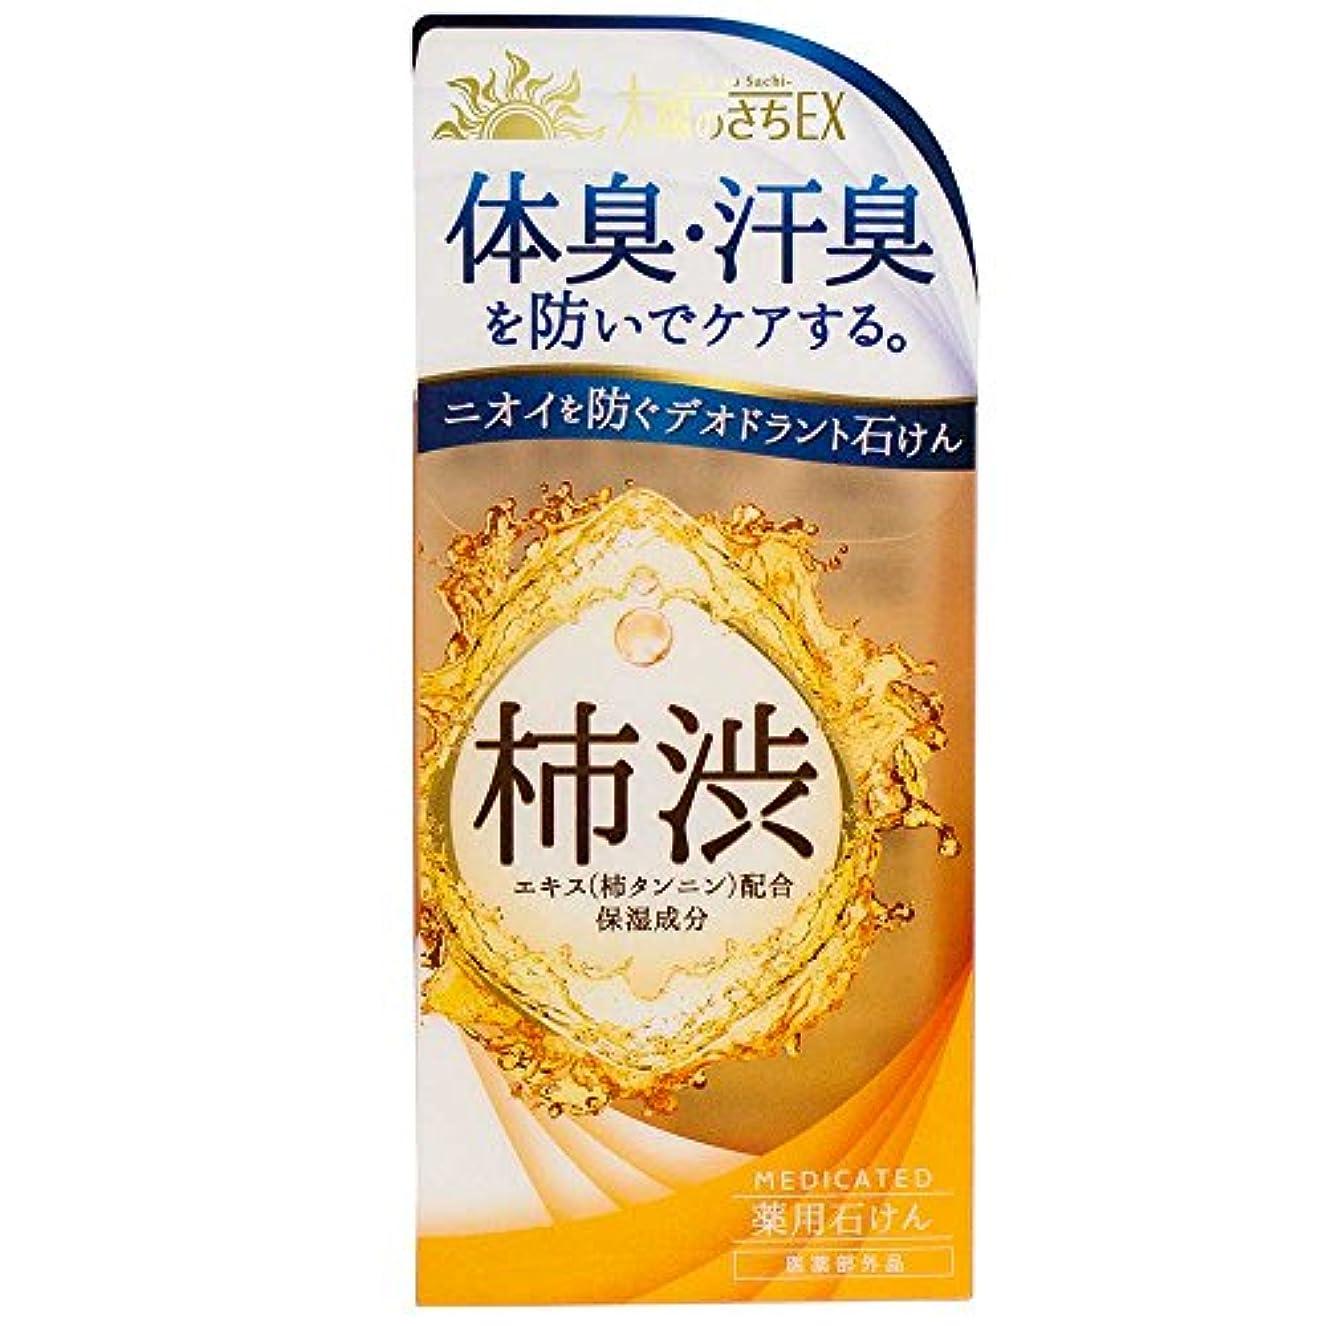 削減実用的温かい薬用太陽のさちEX 柿渋石けん 120g